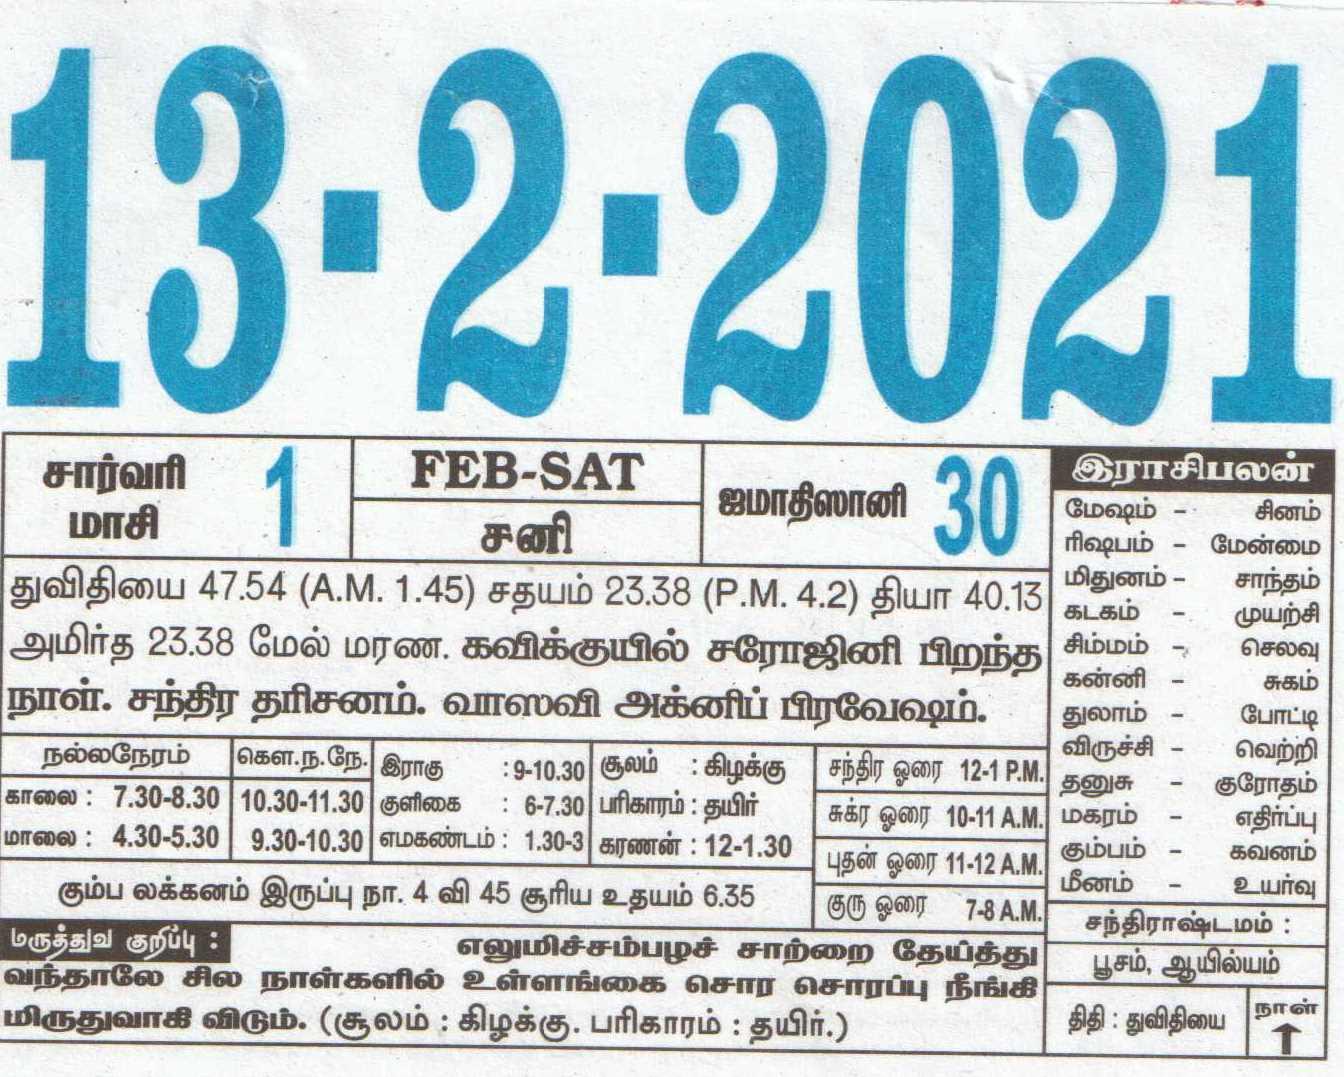 13-02-2021 Daily Calendar | Date 13 , January Daily Tear